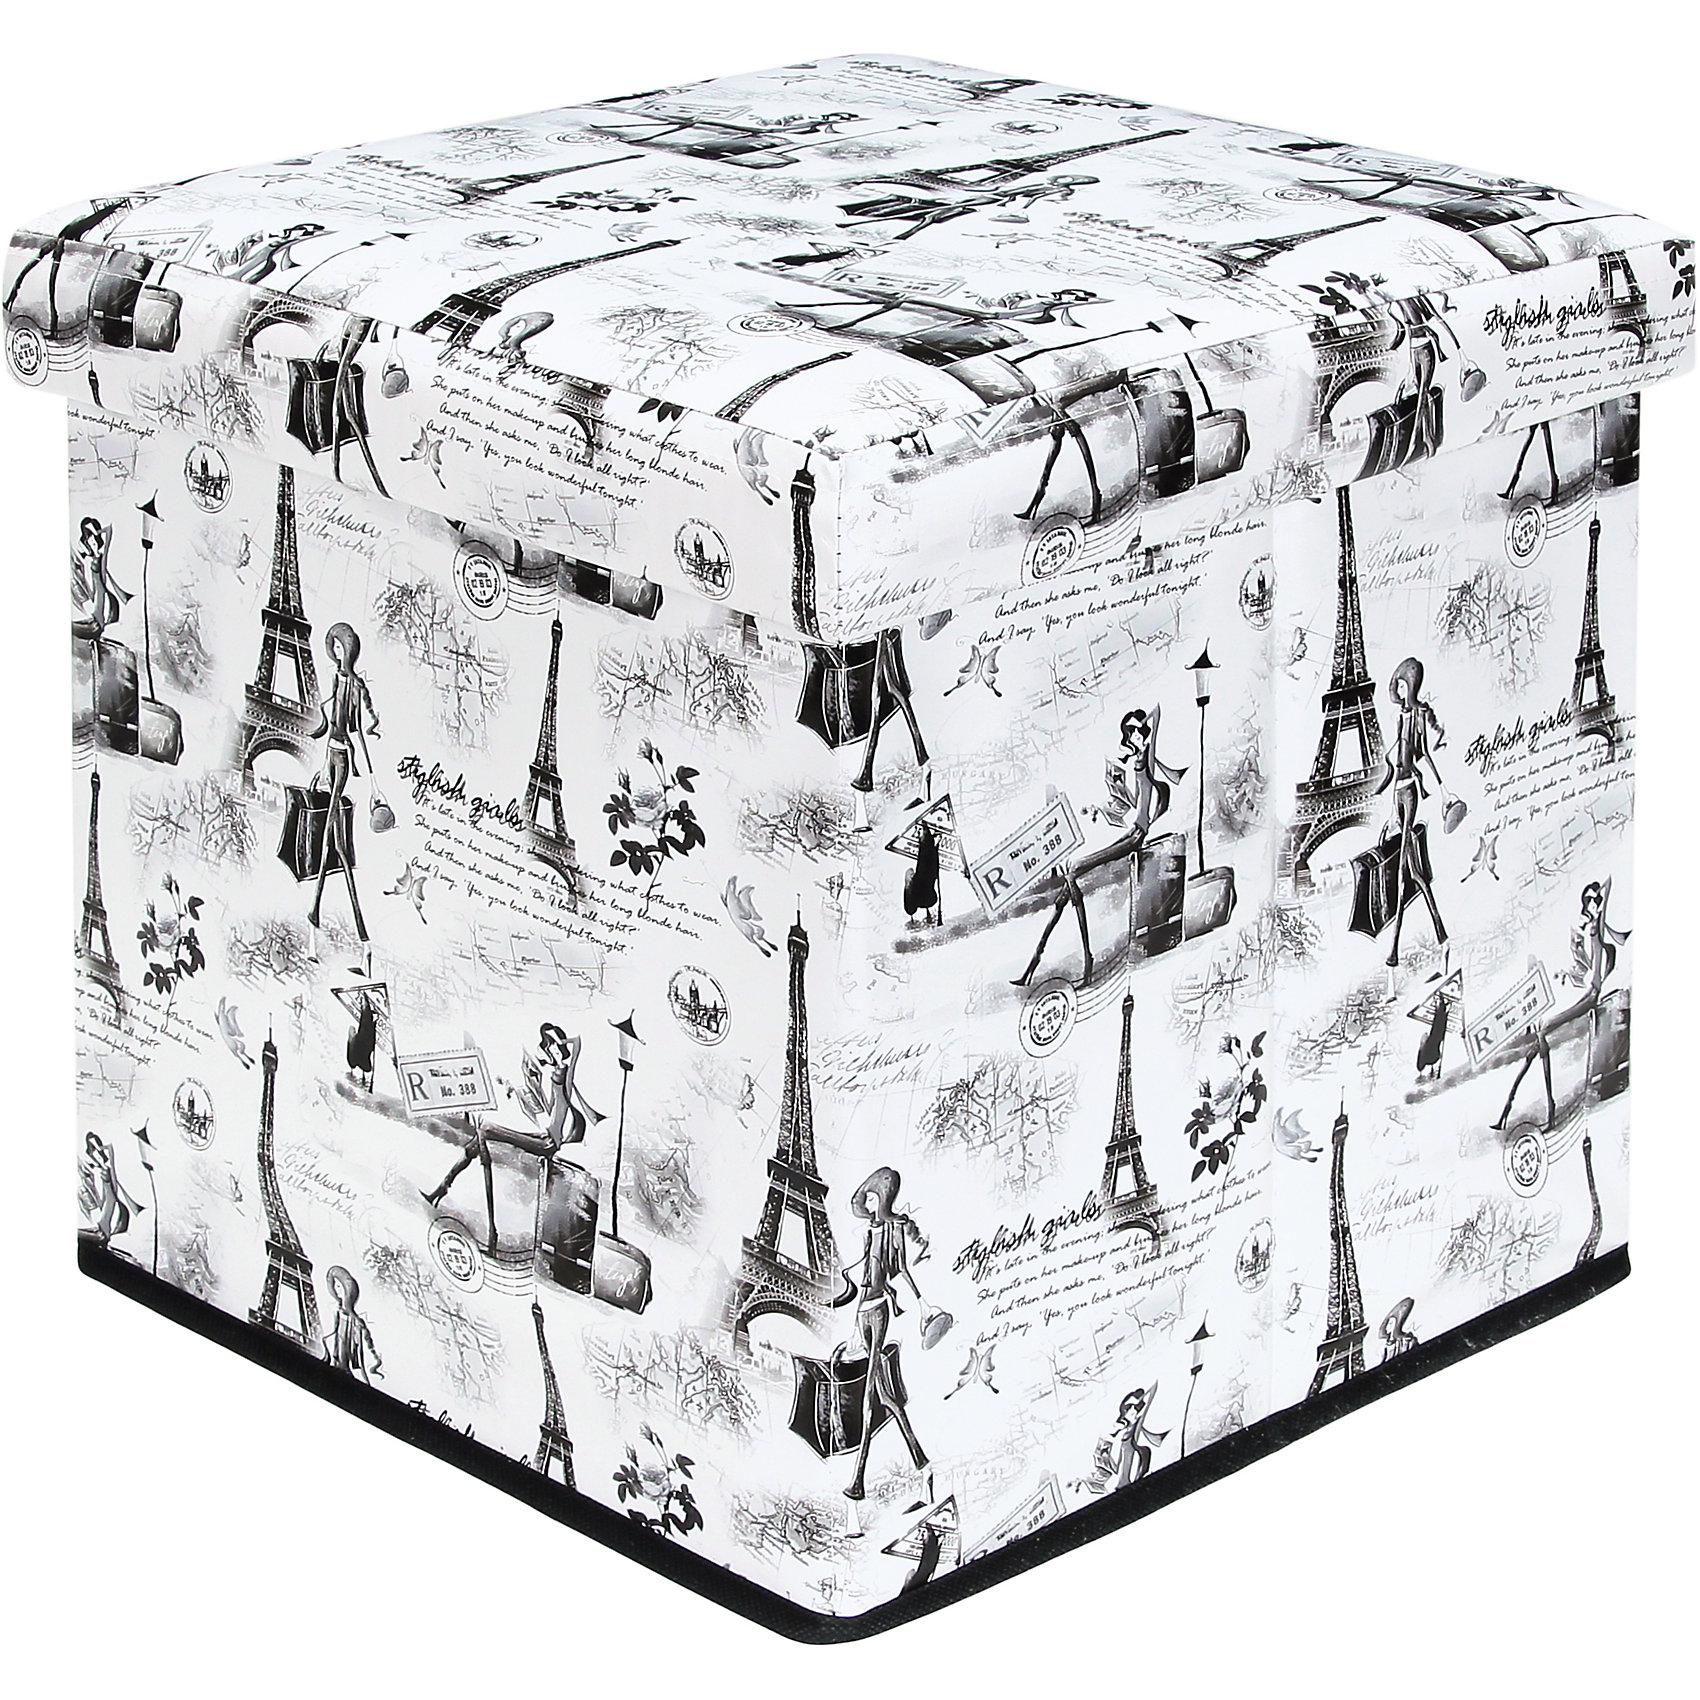 Пуф складной с ящиком для хранения 35*35*35 см. Модный Париж, EL CasaПорядок в детской<br>Характеристики товара:<br><br>• цвет: мульти<br>• материал: МДФ, экокожа<br>• размер: 35 х 35 х 35 см<br>• вес: 1000 г<br>• легко складывается<br>• декорирован принтом<br>• с ящиком для хранения<br>• удобный<br>• вместительный<br>• универсальный размер<br>• страна бренда: Российская Федерация<br>• страна производства: Китай<br><br>Такой пуф - отличный пример красивой и функциональной вещи для любого интерьера. В нем удобной хранить различные мелочи, благодаря универсальному дизайну и расцветке он хорошо будет смотреться в помещении.<br><br>Пуф для хранения может стать отличным приобретением для дома или подарком для любителей красивых оригинальных вещей.<br><br>Бренд EL Casa - это красивые и практичные товары для дома с современным дизайном. Они добавляют в жильё уюта и комфорта! <br><br>Пуф складной с ящиком для хранения 35*35*35 см. Модный Париж, EL Casa можно купить в нашем интернет-магазине.<br><br>Ширина мм: 350<br>Глубина мм: 350<br>Высота мм: 50<br>Вес г: 2050<br>Возраст от месяцев: 0<br>Возраст до месяцев: 1188<br>Пол: Унисекс<br>Возраст: Детский<br>SKU: 6668682